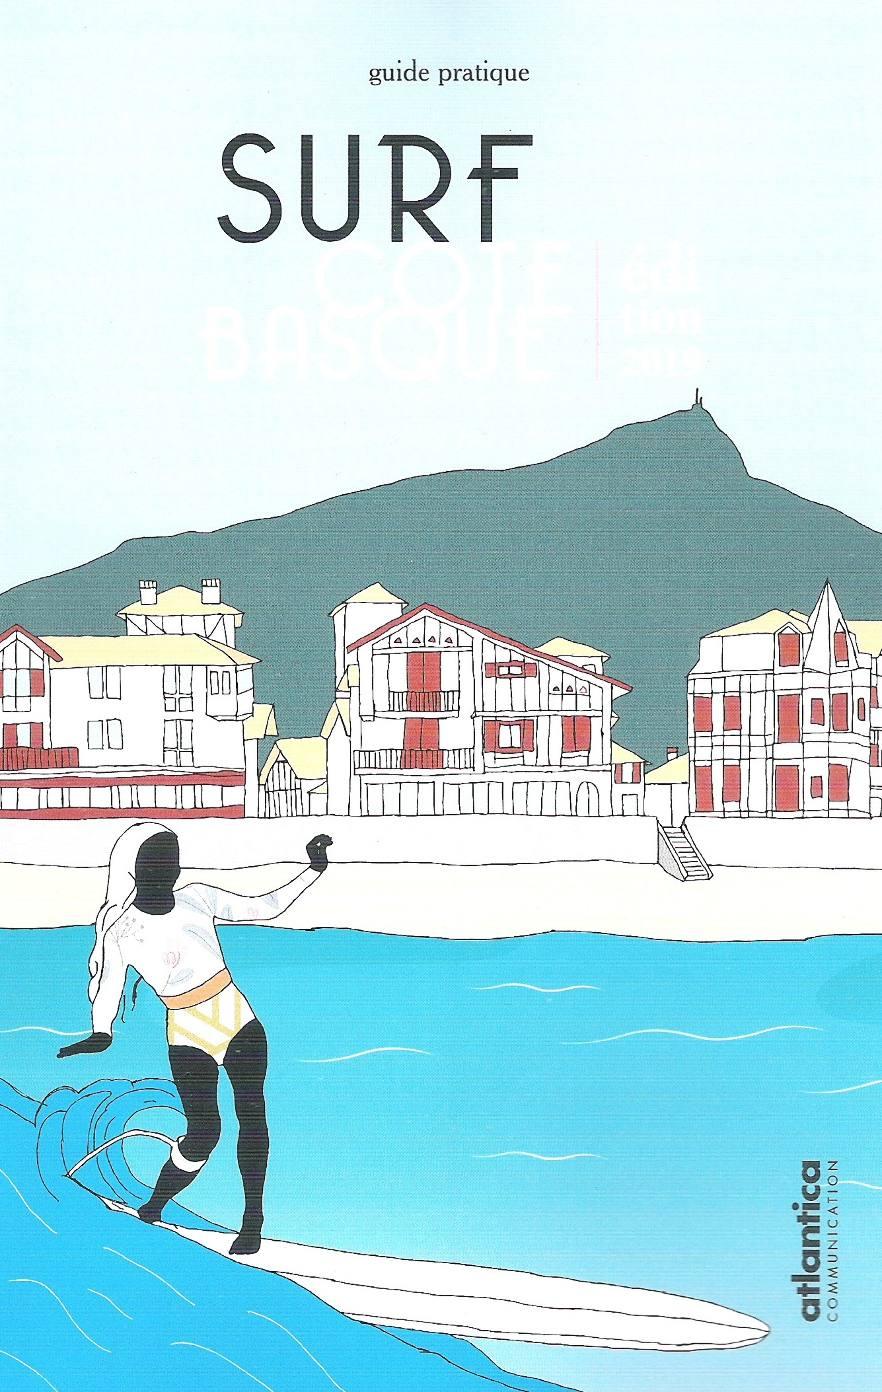 Guides pour l'été : le surf et la langue basque